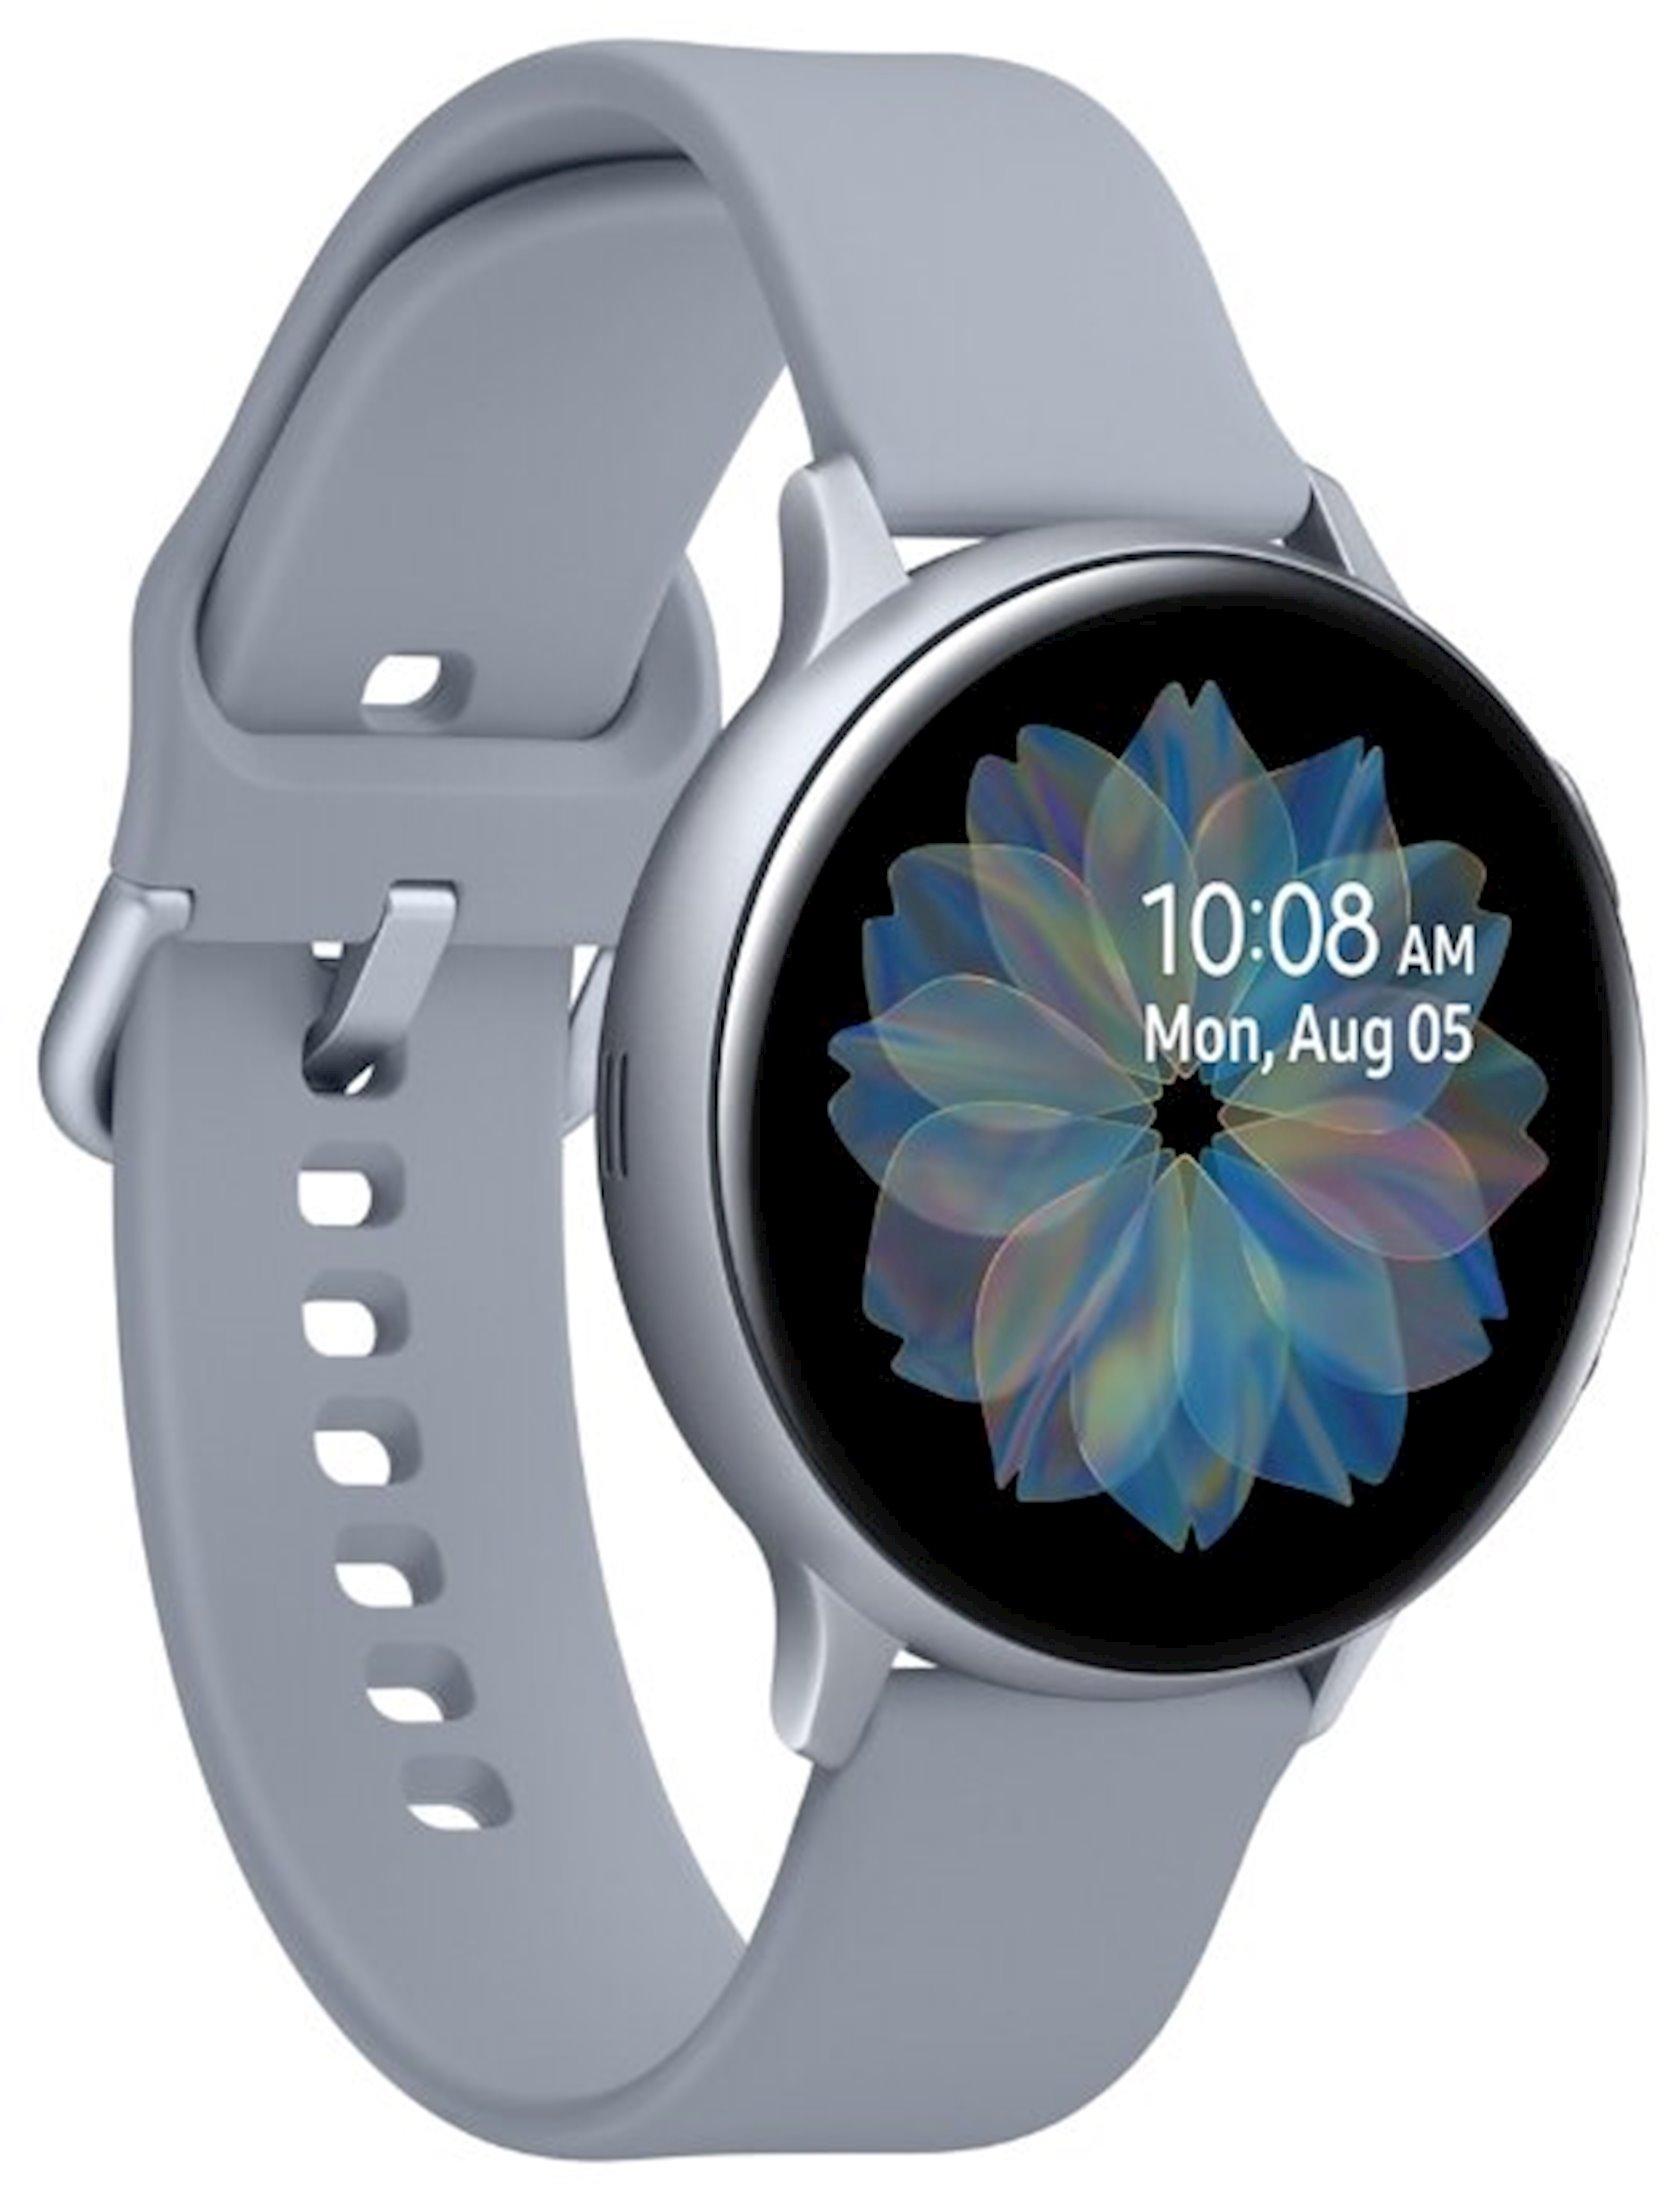 Ağıllı saat Samsung Galaxy Watch Active 2 40mm Silver